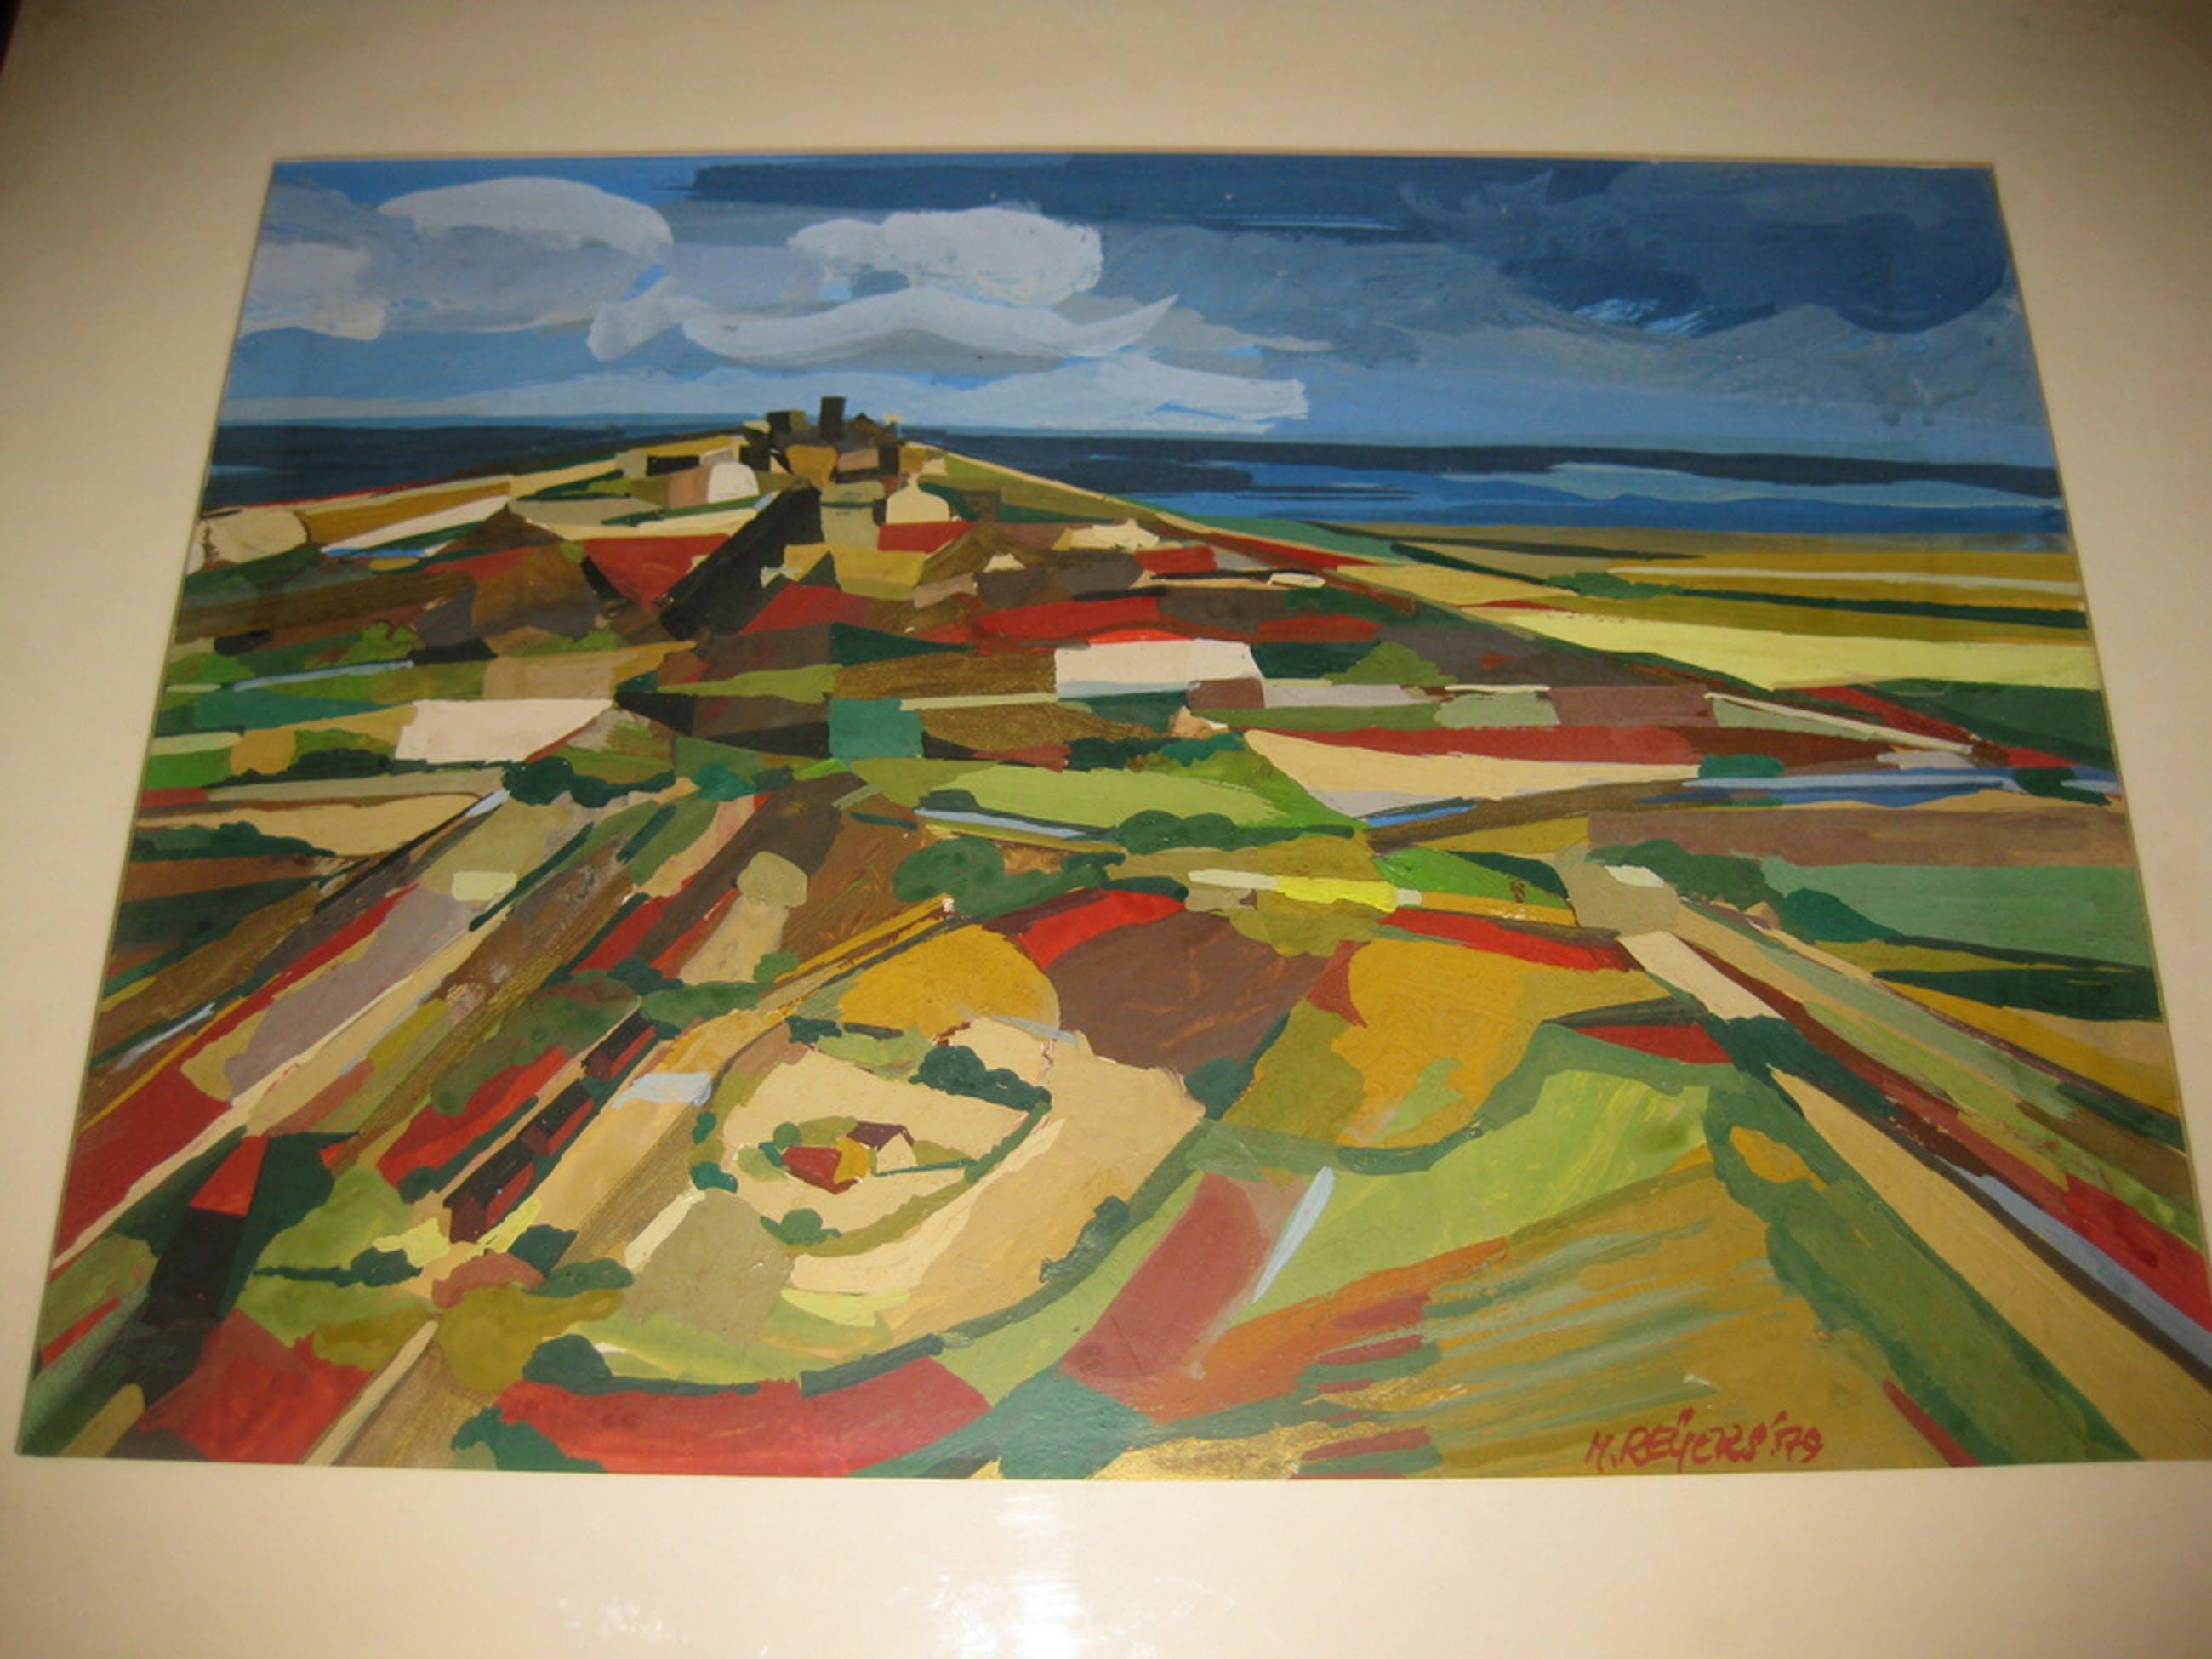 Origineel werk Herman Reijers - schildering op board kopen? Bied vanaf 175!